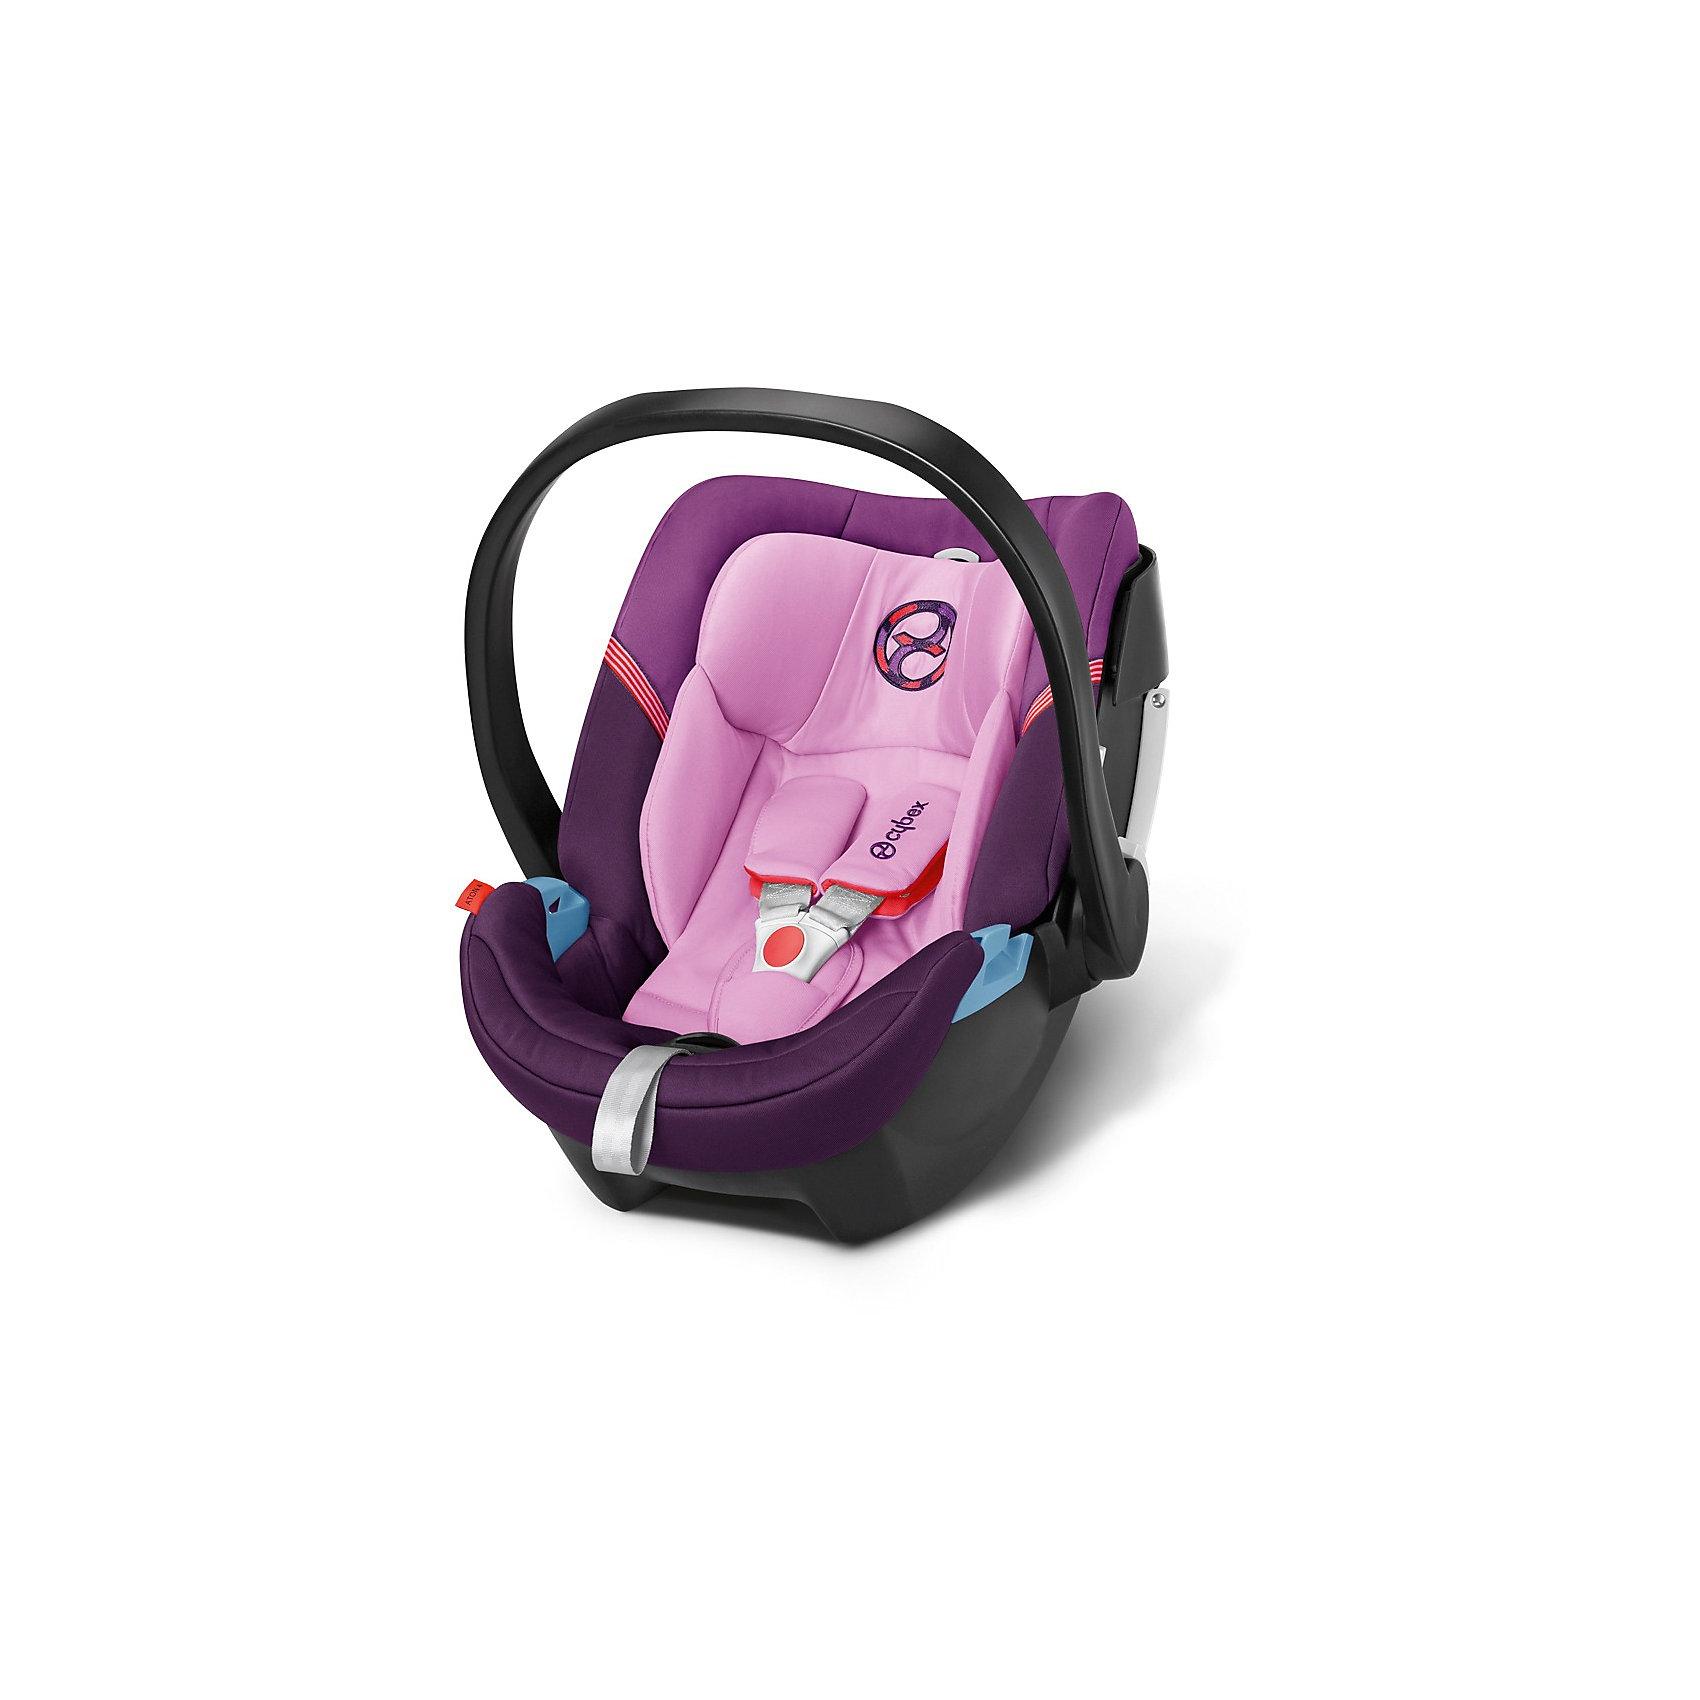 Автокресло Cybex Aton 4, 0-13 кг, Grape JuiceГруппа 0+ (До 13 кг)<br>Удобное надежное автокресло позволит перевозить ребенка, не беспокоясь при этом о его безопасности. Оно предназначено для самых маленьких. Такое кресло обеспечит малышу не только безопасность, но и комфорт (идеальный угол наклона, регулируемый по высоте подголовник, автоматическая регуляция ремней безопасности).<br>Автокресло устанавливают против движения. Такое кресло дает возможность свободно путешествовать, ездить в гости и при этом  быть рядом с малышом. Конструкция - очень удобная и прочная. Изделие произведено из качественных и безопасных для малышей материалов, оно соответствуют всем современным требованиям безопасности. Оно отлично показало себя на краш-тестах.<br> <br>Дополнительная информация:<br><br>цвет: фиолетовый;<br>материал: текстиль, пластик;<br>возраст: 0 - 12 месяцев;<br>вес  ребенка: не более 13 кг;<br>регулируемый по высоте подголовник с интегрированными направляющими;<br>огромный козырек от солнца размера XXL;<br>идеальный угол наклона;<br>можно использовать со штатными ремнями или с дополнительной базой;<br>8-позиционный регулируемый по высоте подголовник со встроенным направляющими для ремней;<br>с помощью адаптера может крепиться к коляскам;<br>установка против движения;<br>телескопическая система линейной защиты от боковых ударов (L.S.P. System);<br>соответствие Европейскому стандарту безопасности ЕСЕ R44/04.<br><br>Автокресло Aton 4, 0-13 кг., Grape Juice, от компании Cybex можно купить в нашем магазине.<br><br>Ширина мм: 695<br>Глубина мм: 445<br>Высота мм: 345<br>Вес г: 6150<br>Цвет: лиловый<br>Возраст от месяцев: 0<br>Возраст до месяцев: 12<br>Пол: Унисекс<br>Возраст: Детский<br>SKU: 3789528